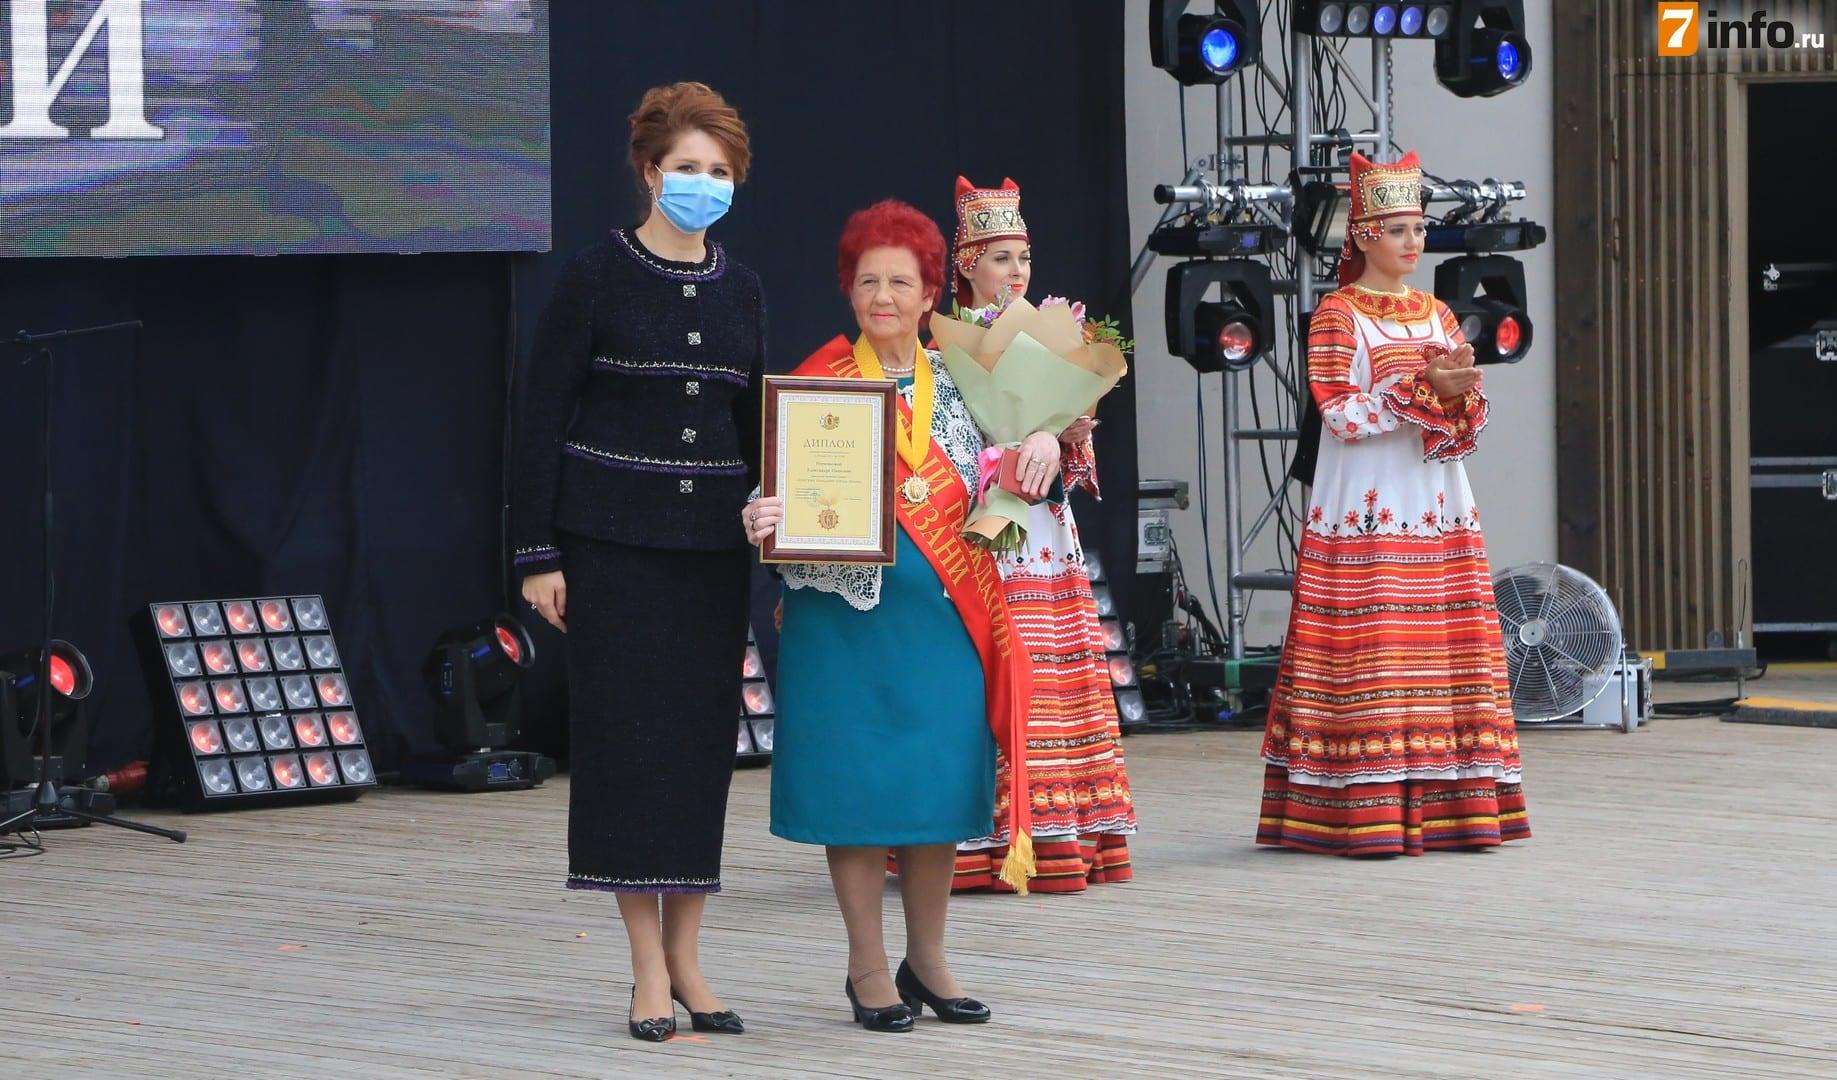 Почетным гражданином города Рязани стала Александра Репченкова